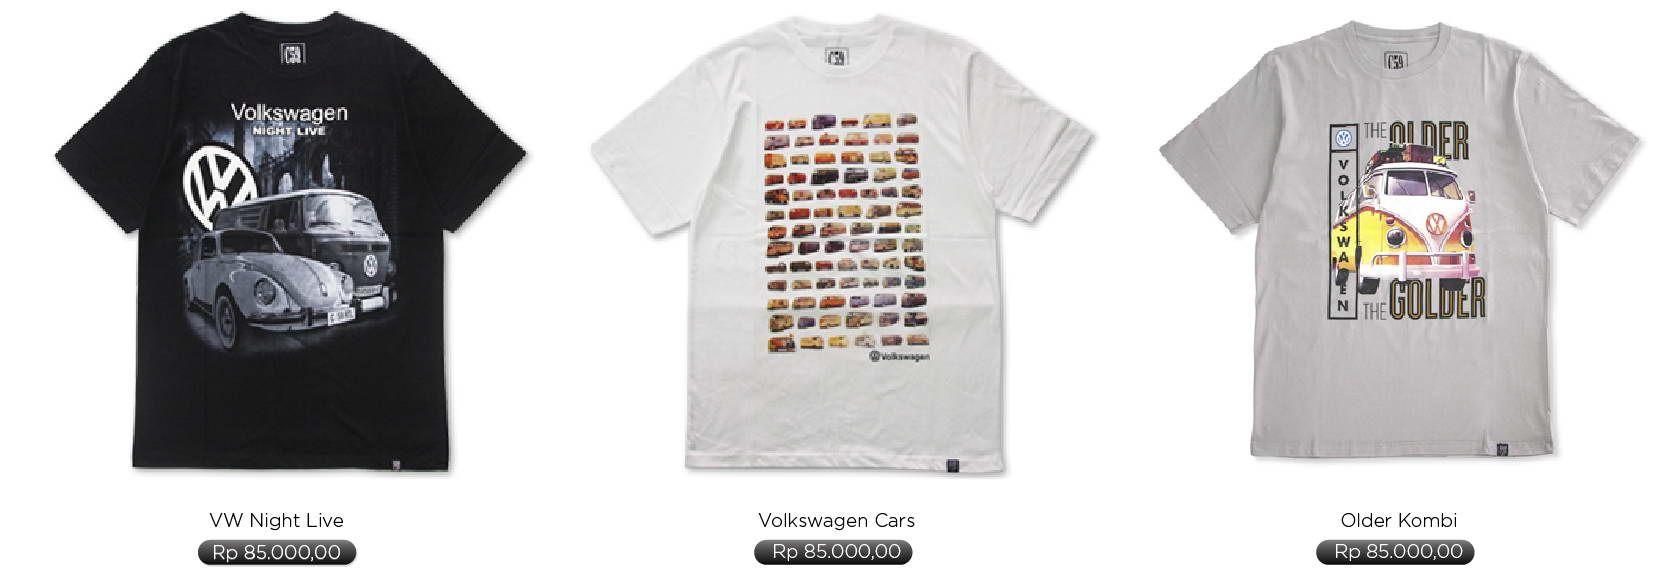 6300 Koleksi Foto Desain Baju Vespa Gratis Terbaik Download Gratis